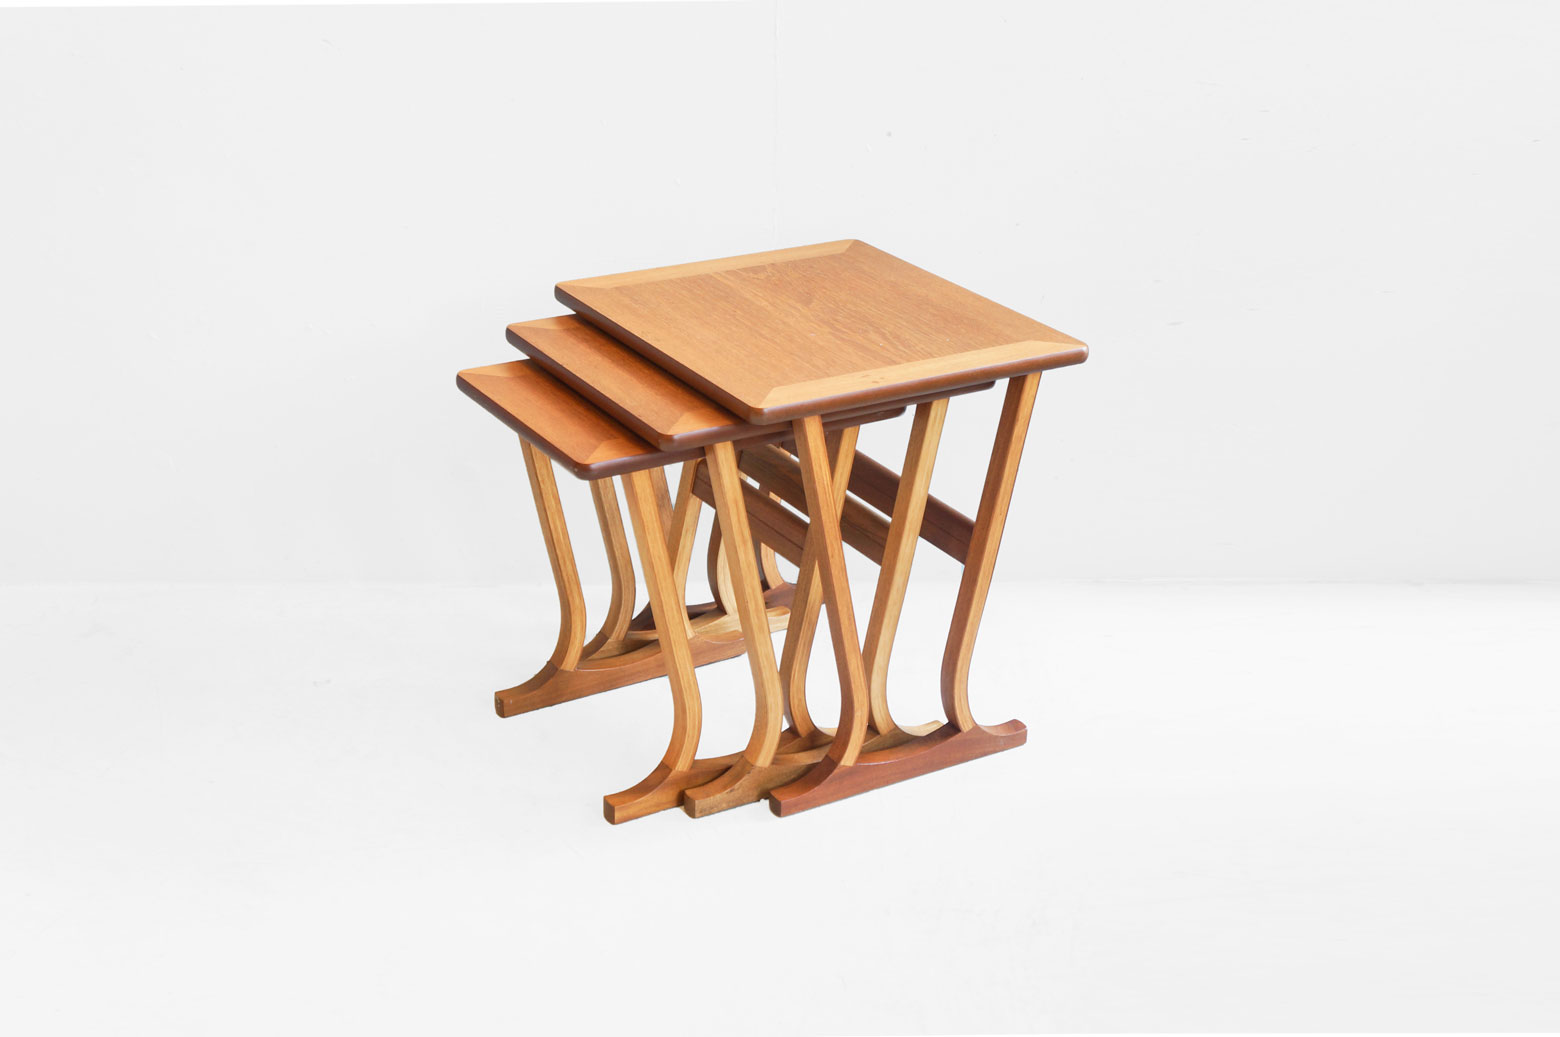 1910年創業のイギリスミッドセンチュリーを代表する老舗家具メーカー、Nathan/ネイサンのネストテーブル。 美しいフォルムを描く特徴的な脚がスタイリッシュでモダンな印象に。 突板の貼り合わせ技術に優れていたネイサンだからこそ作り上げられた繊細なデザインです。 天板にはチーク、脚にはプライウッドとマホガニーを使用しており、それぞれの木材のコントラストが楽しめます。 スカンジナビアンスタイルを感じさせながらも、ただシンプルになりすぎず、ピリッとアクセントを効かせたデザイン、というのがイギリスミッドセンチュリーデザインの特徴ではないでしょうか。 デザイン性の高いネイサンのアイテムはインテリアコーディネートをワンランクアップしてくれます。 細かな傷や擦れがあるものの、大きなダメージのない比較的良好なコンディションです。 大中小、3つのテーブルがひとつに収まるようにデザインされたネストテーブル。 全てまとめたままで使うも良し、3つをバラバラで使うのも良し、とても使い勝手の良いアイテムです。 上下に重ねてちょっとしたオープンラックのように使うのもオススメですよ♪ ~【東京都杉並区阿佐ヶ谷北アンティークショップ 古一】 古一/ふるいちでは出張無料買取も行っております。杉並区周辺はもちろん、世田谷区・目黒区・武蔵野市・新宿区等の東京近郊のお見積もりも!ビンテージ家具・インテリア雑貨・ランプ・USED品・ リサイクルなら古一/フルイチへ~